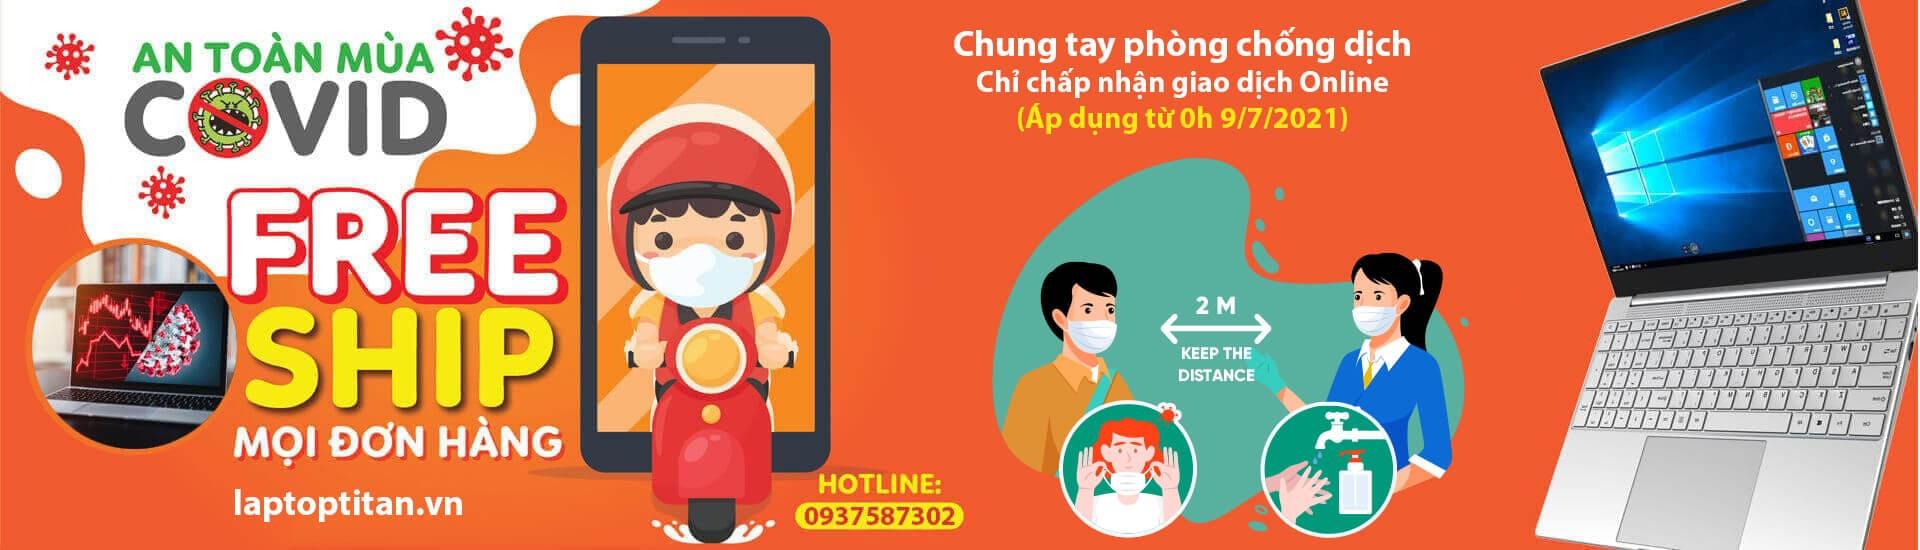 Banner Phong Chong Dich